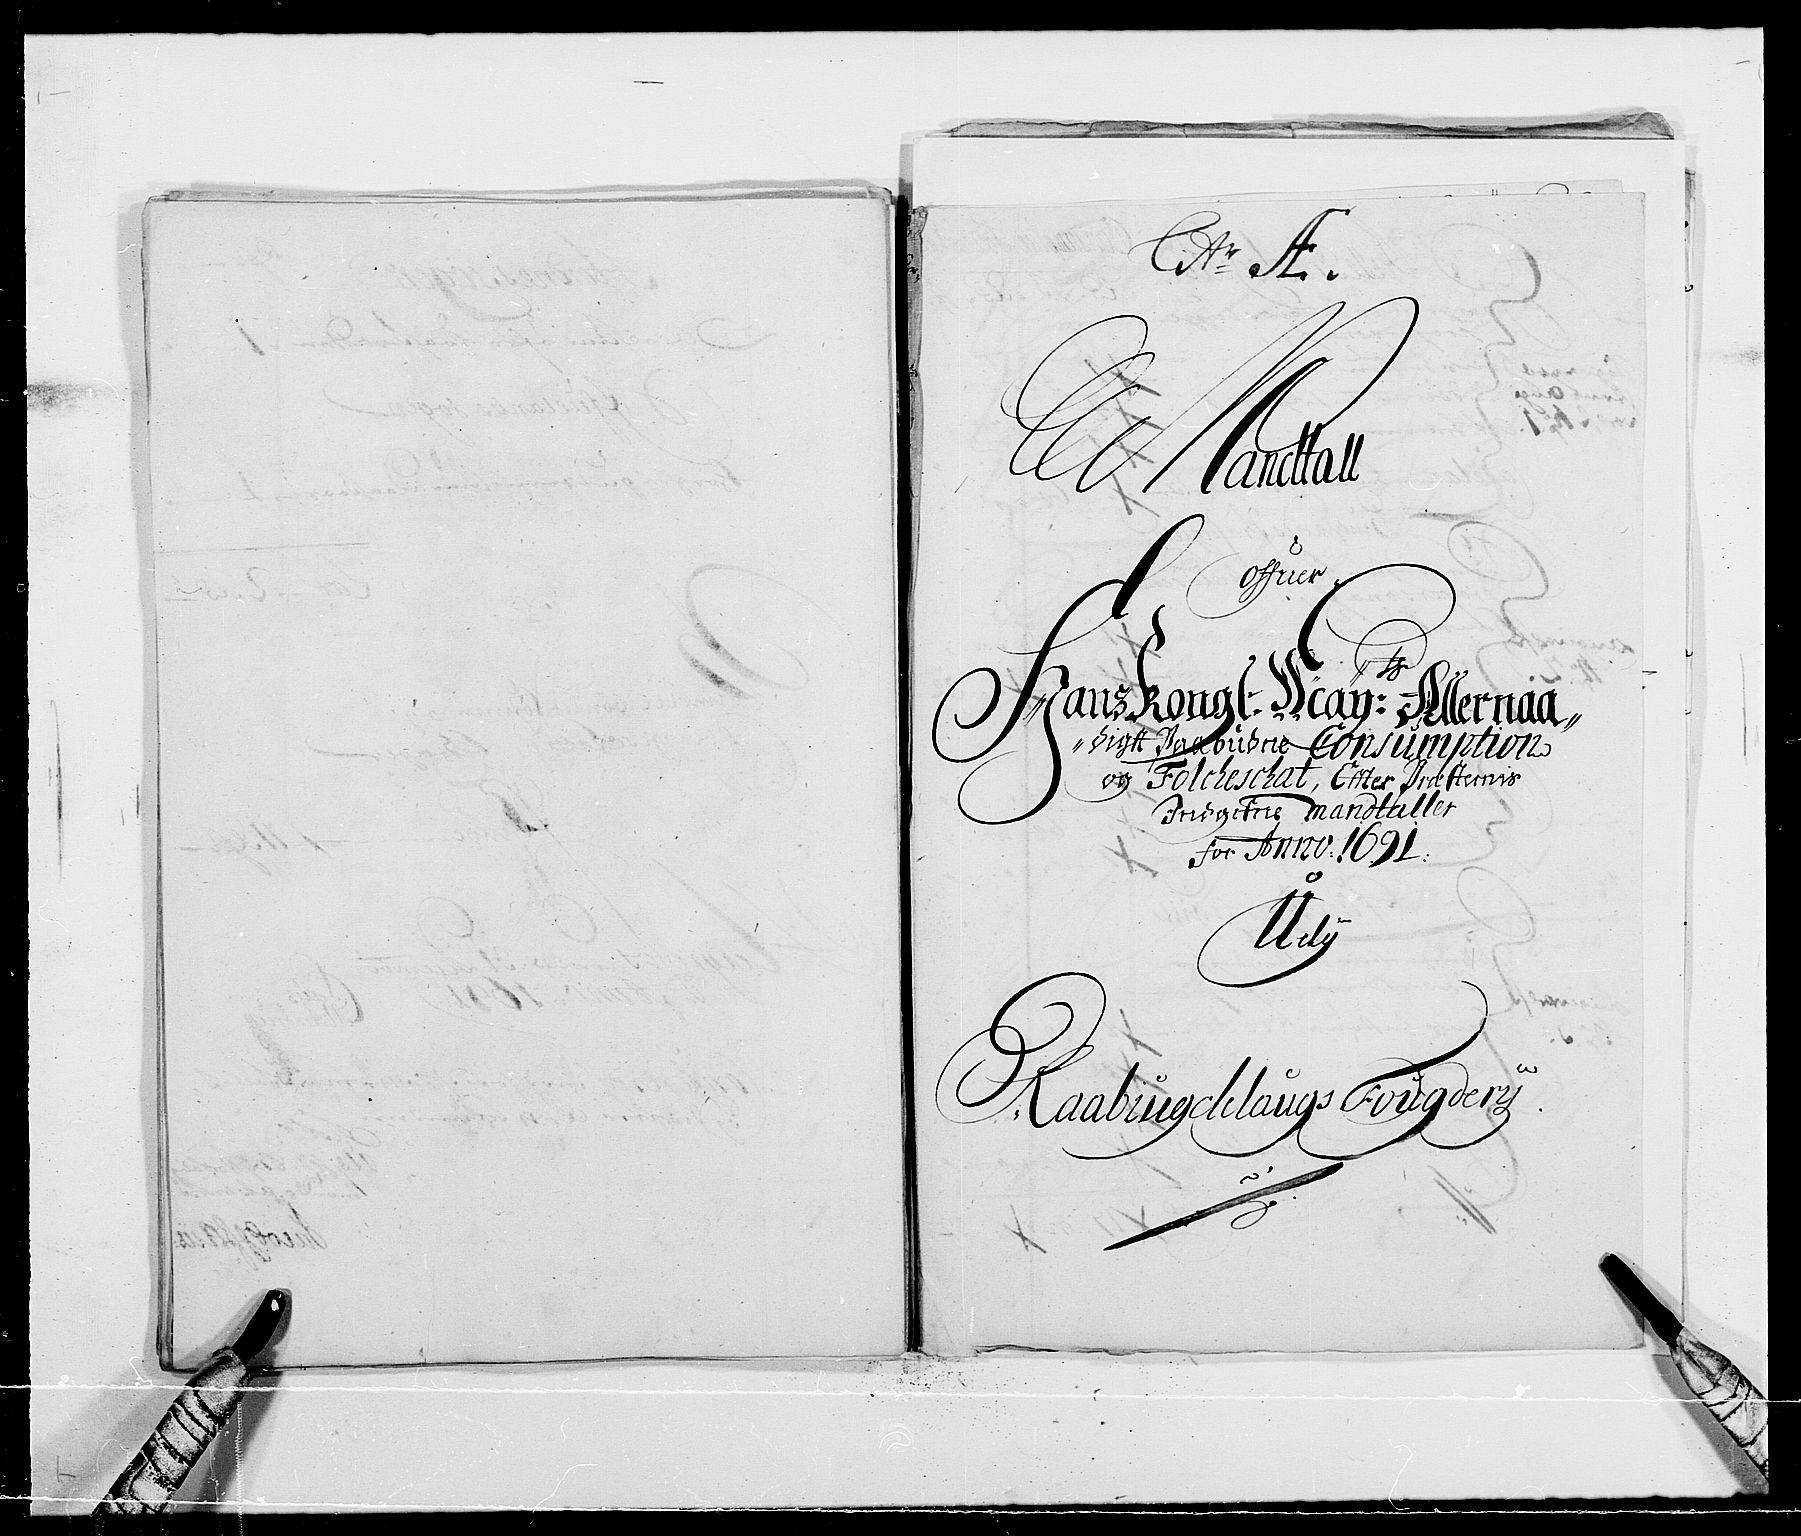 RA, Rentekammeret inntil 1814, Reviderte regnskaper, Fogderegnskap, R40/L2443: Fogderegnskap Råbyggelag, 1691-1692, s. 55